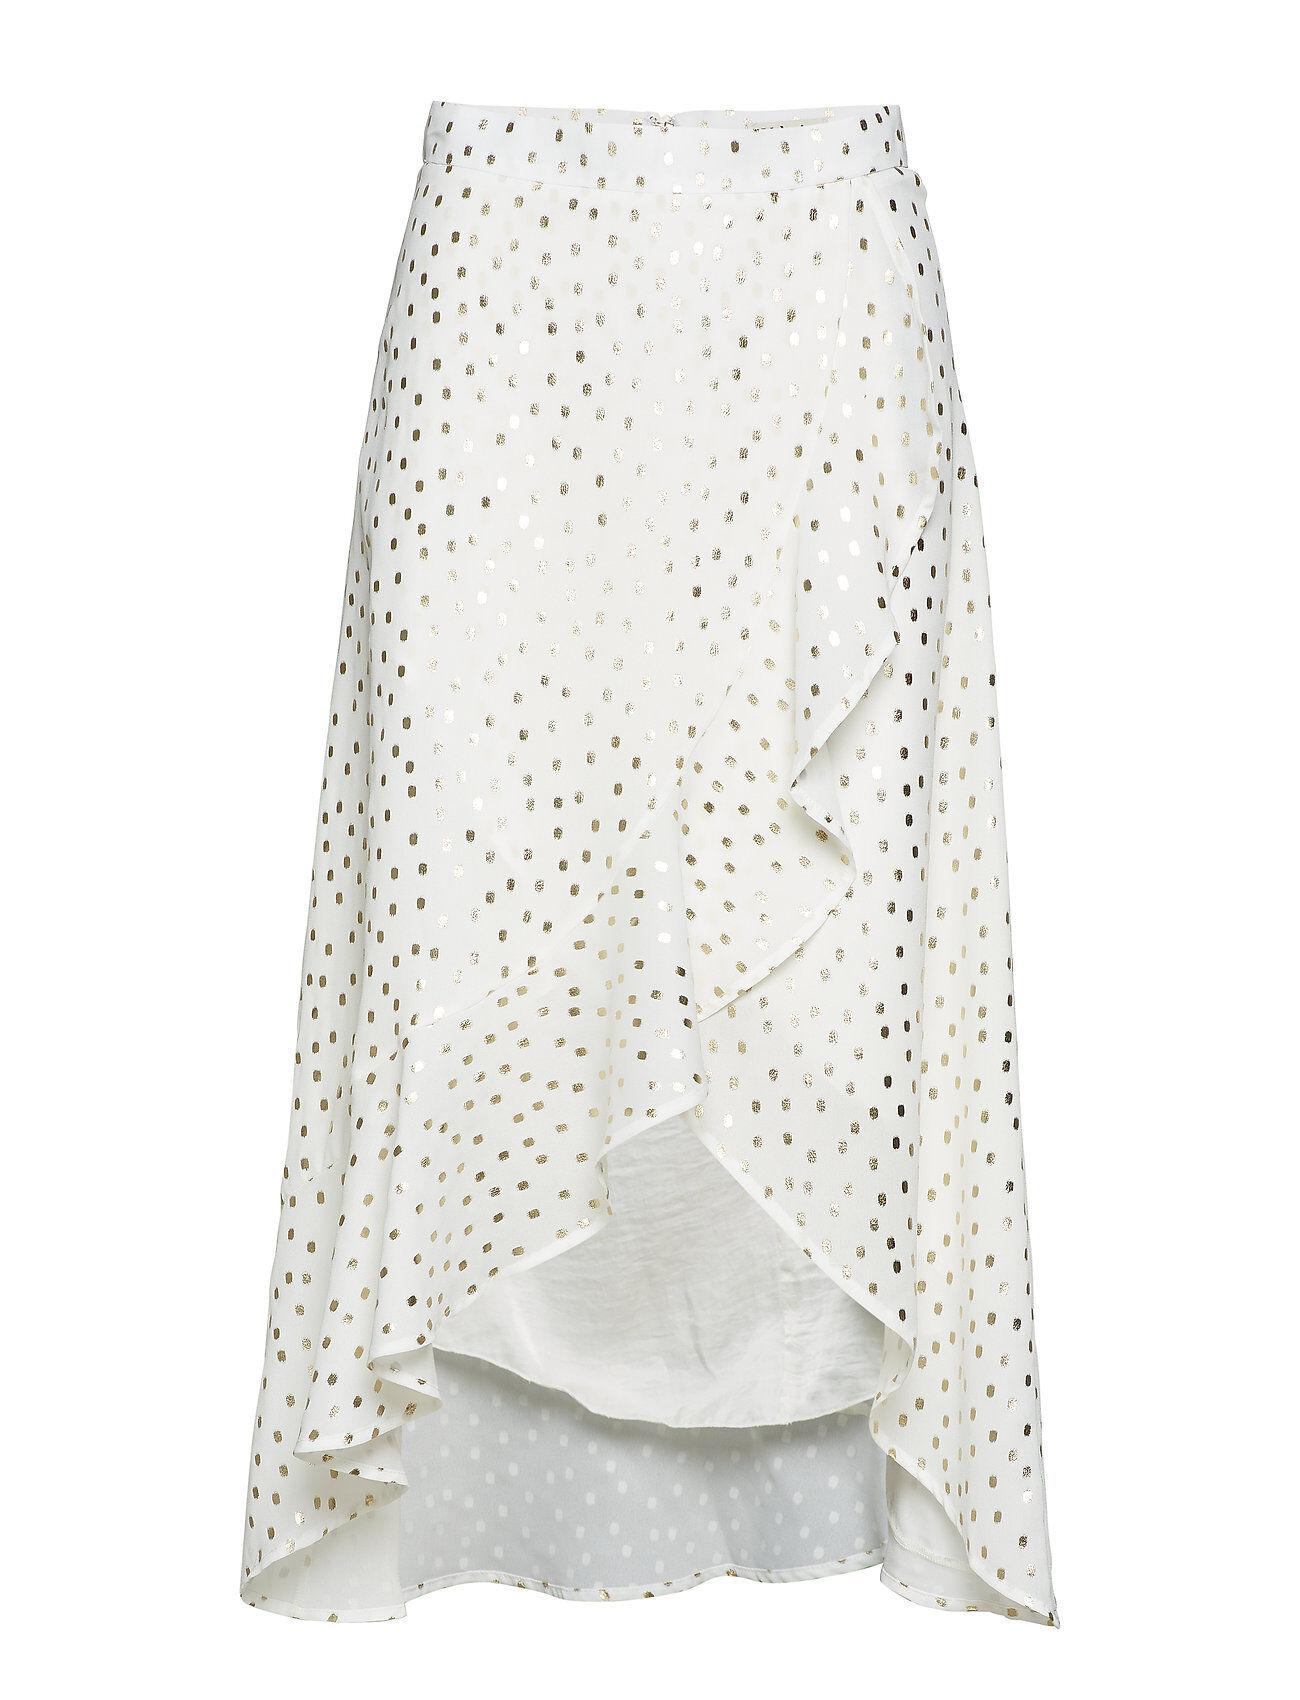 Valerie Manet Skirt